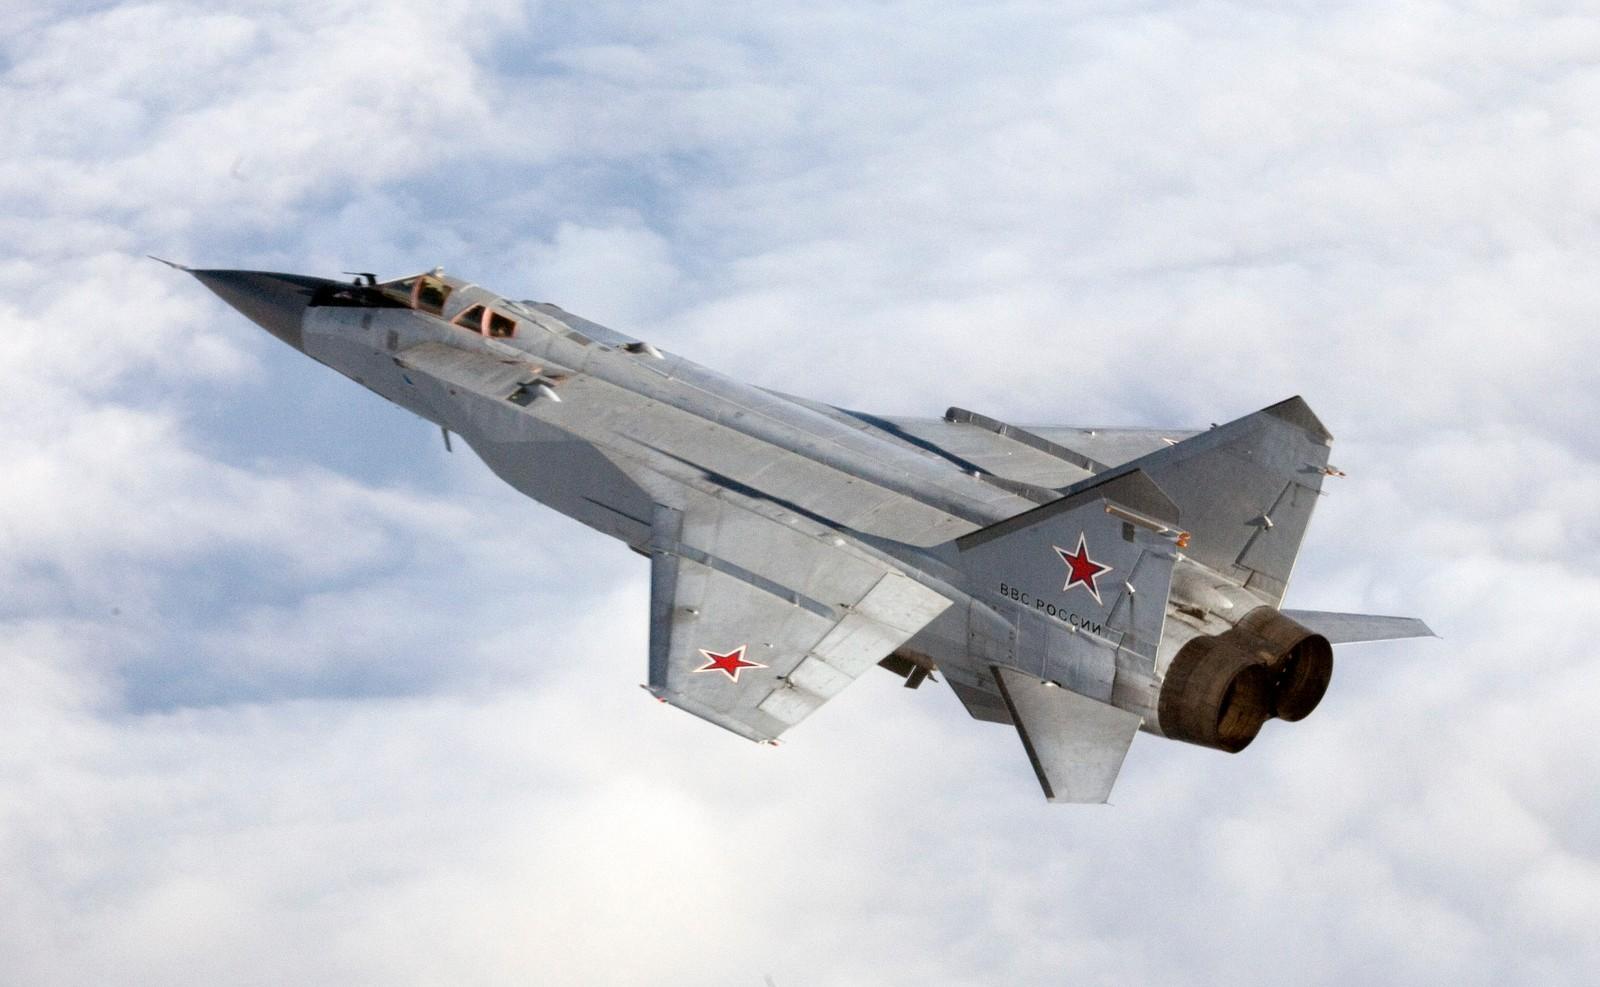 Mikojan-Gurevitsj MiG-31 (NATO-kallenavn: Foxhound) er en russisk jagerflytype. Den er en høyhastighets avskjæringsjager, og ble konstruert for å erstatte den eldre modellen MiG-25.